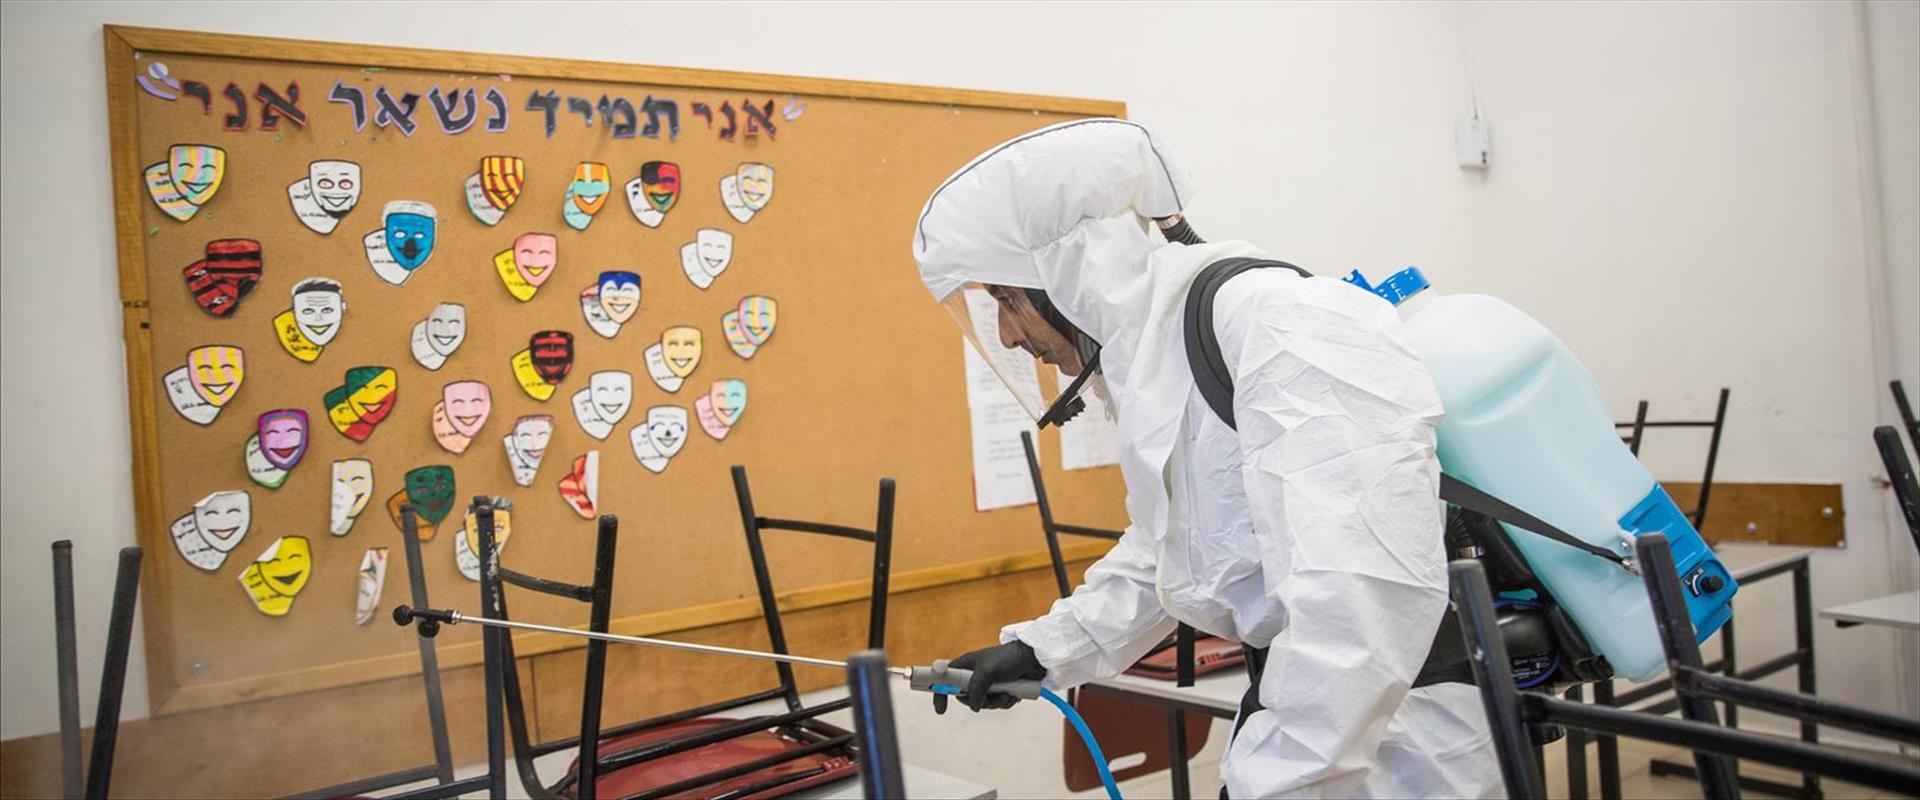 פעולות חיטוי בגמנסיה העברית בירושלים, בשבוע שעבר